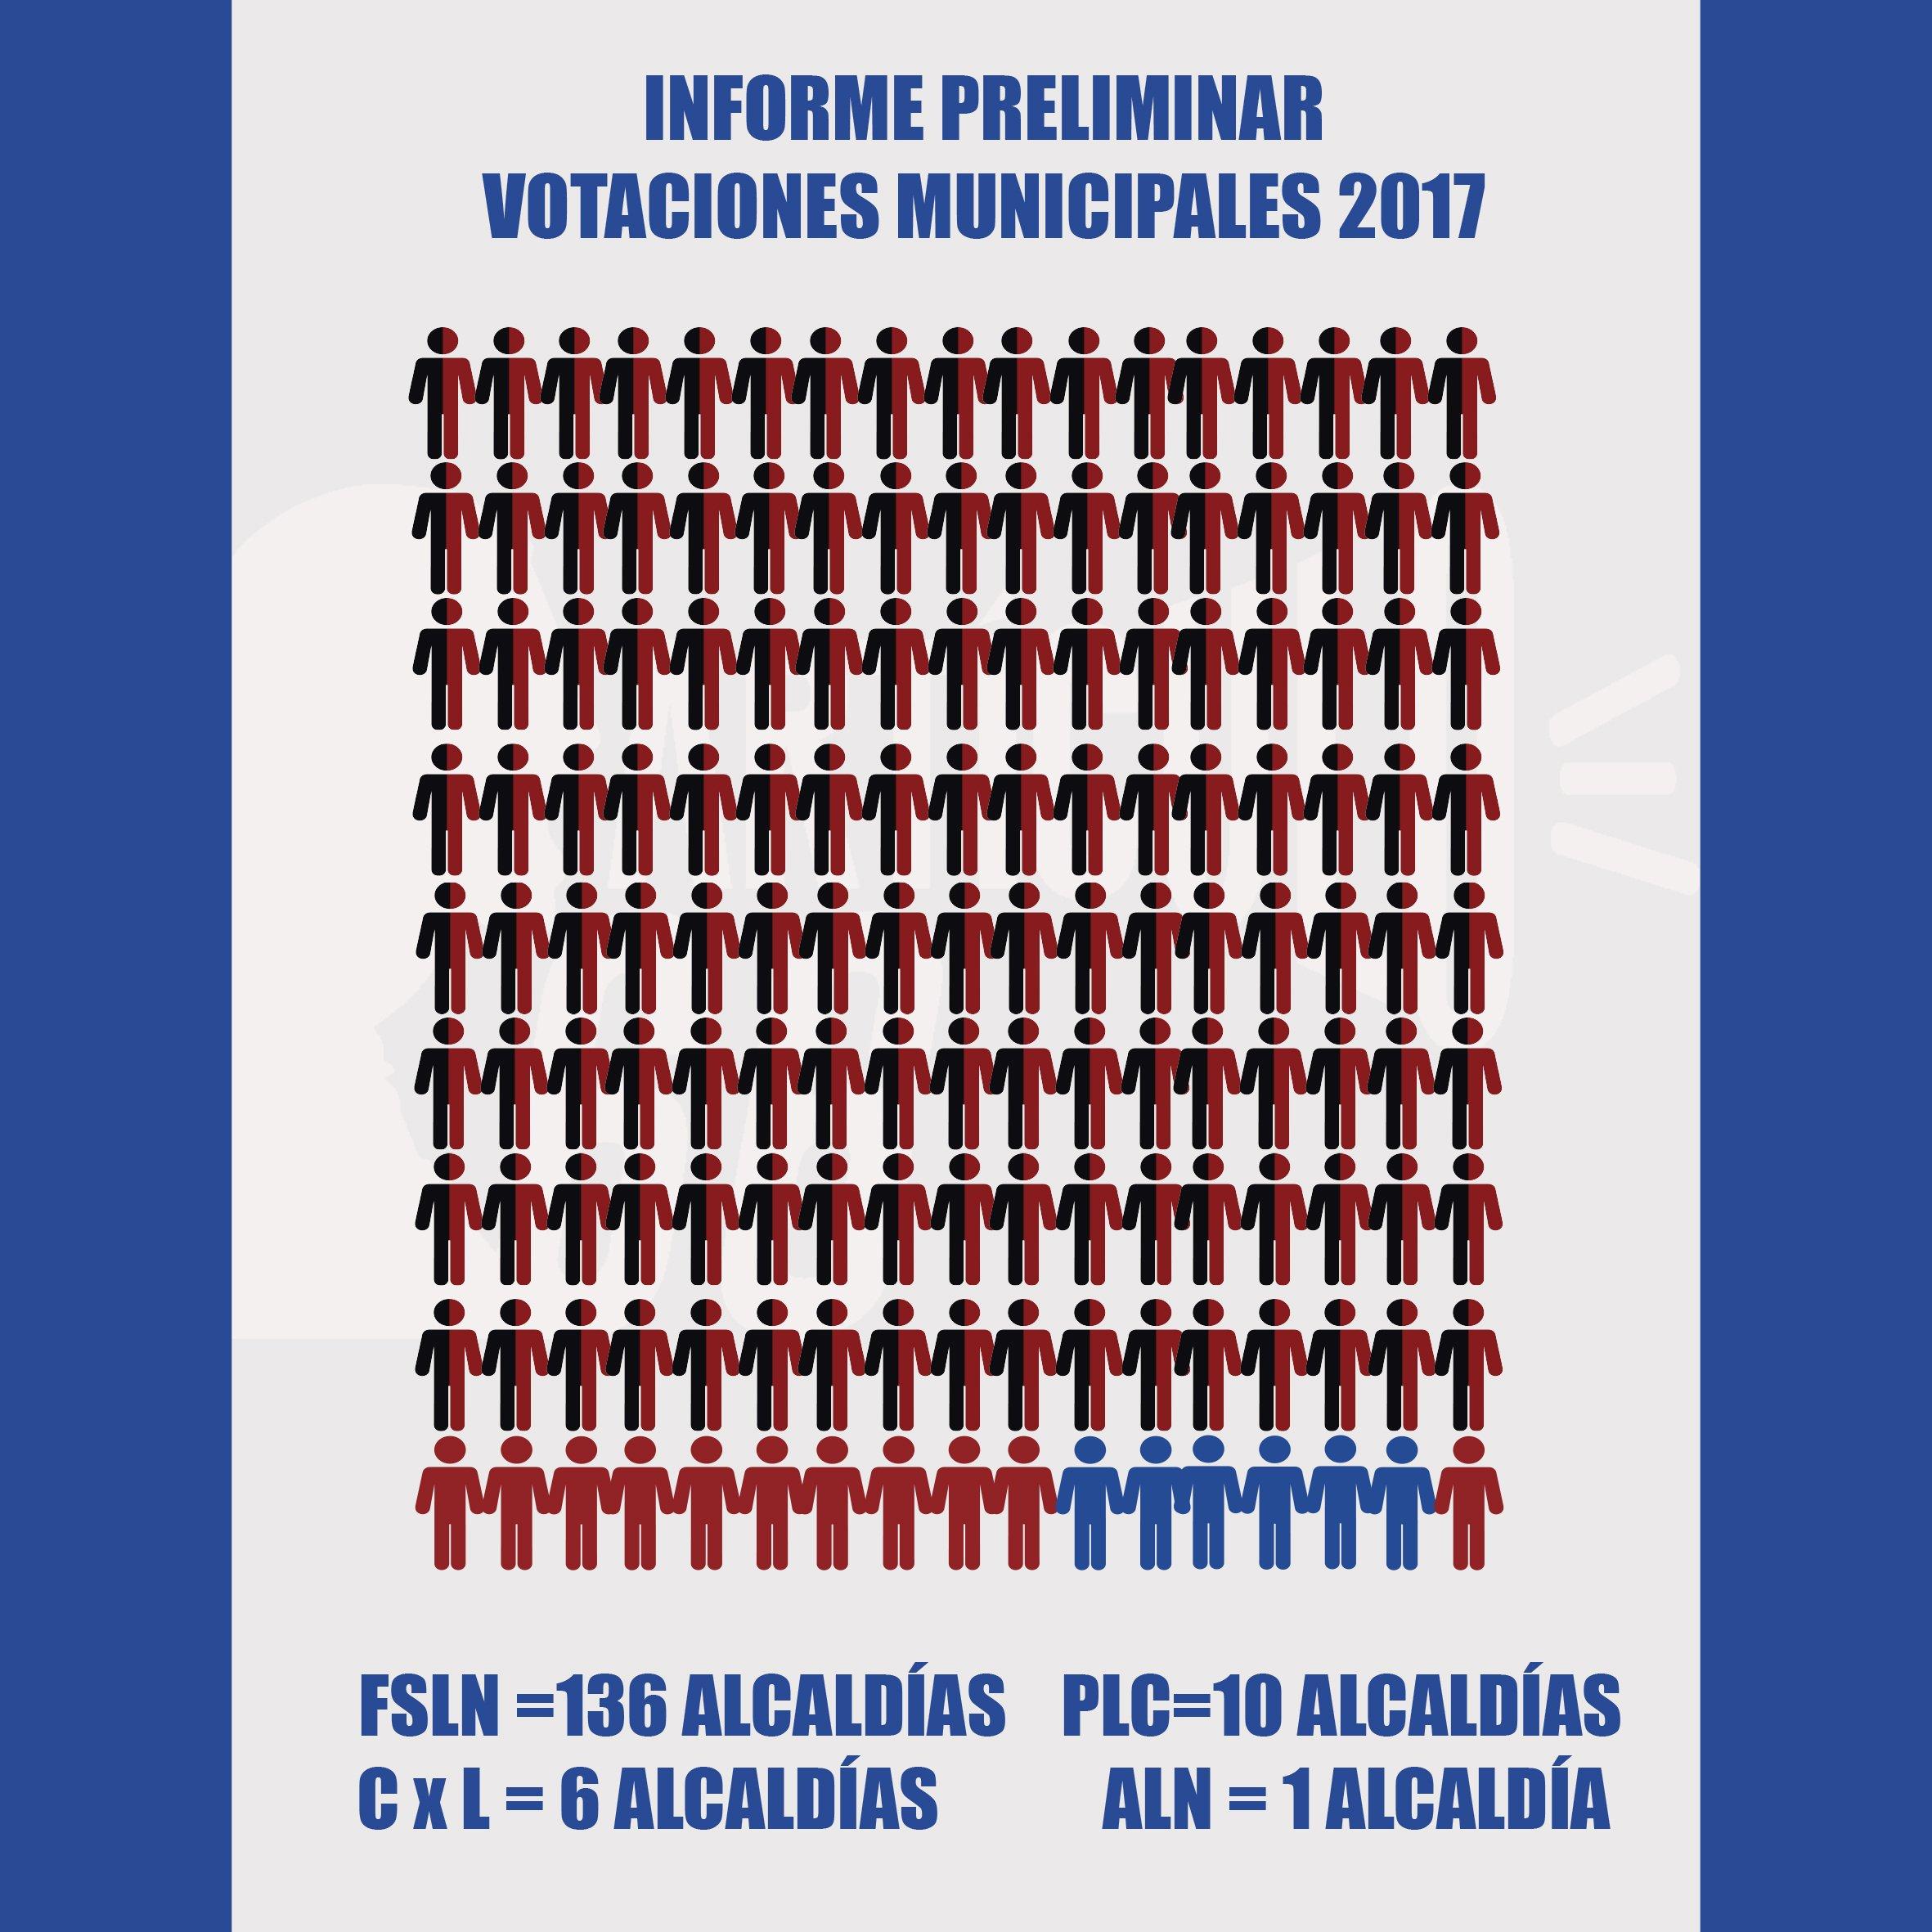 Informe preliminar del CSE que contiene el número de alcaldías otorgadas a los partidos que participaron en la votación municipal 2017. Infografía: Rosa María Blandón.